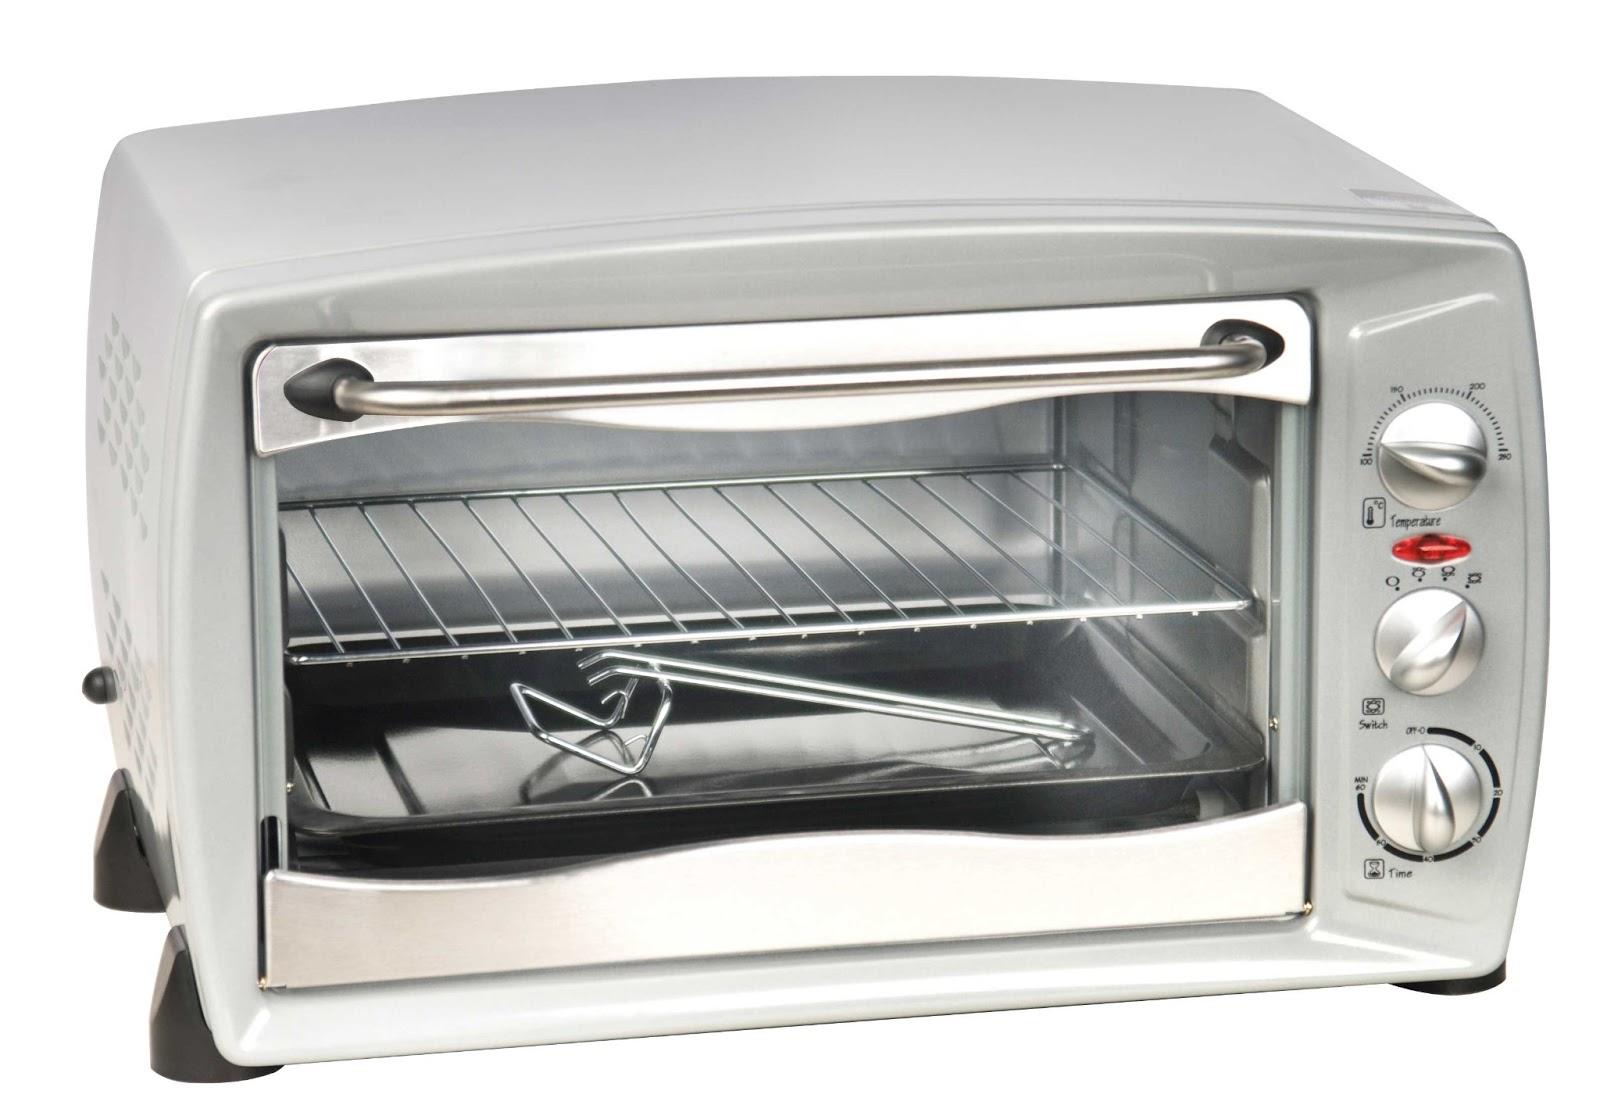 Las cositas de tony como preparar chulet n de buey en casa for Ofertas de hornos electricos